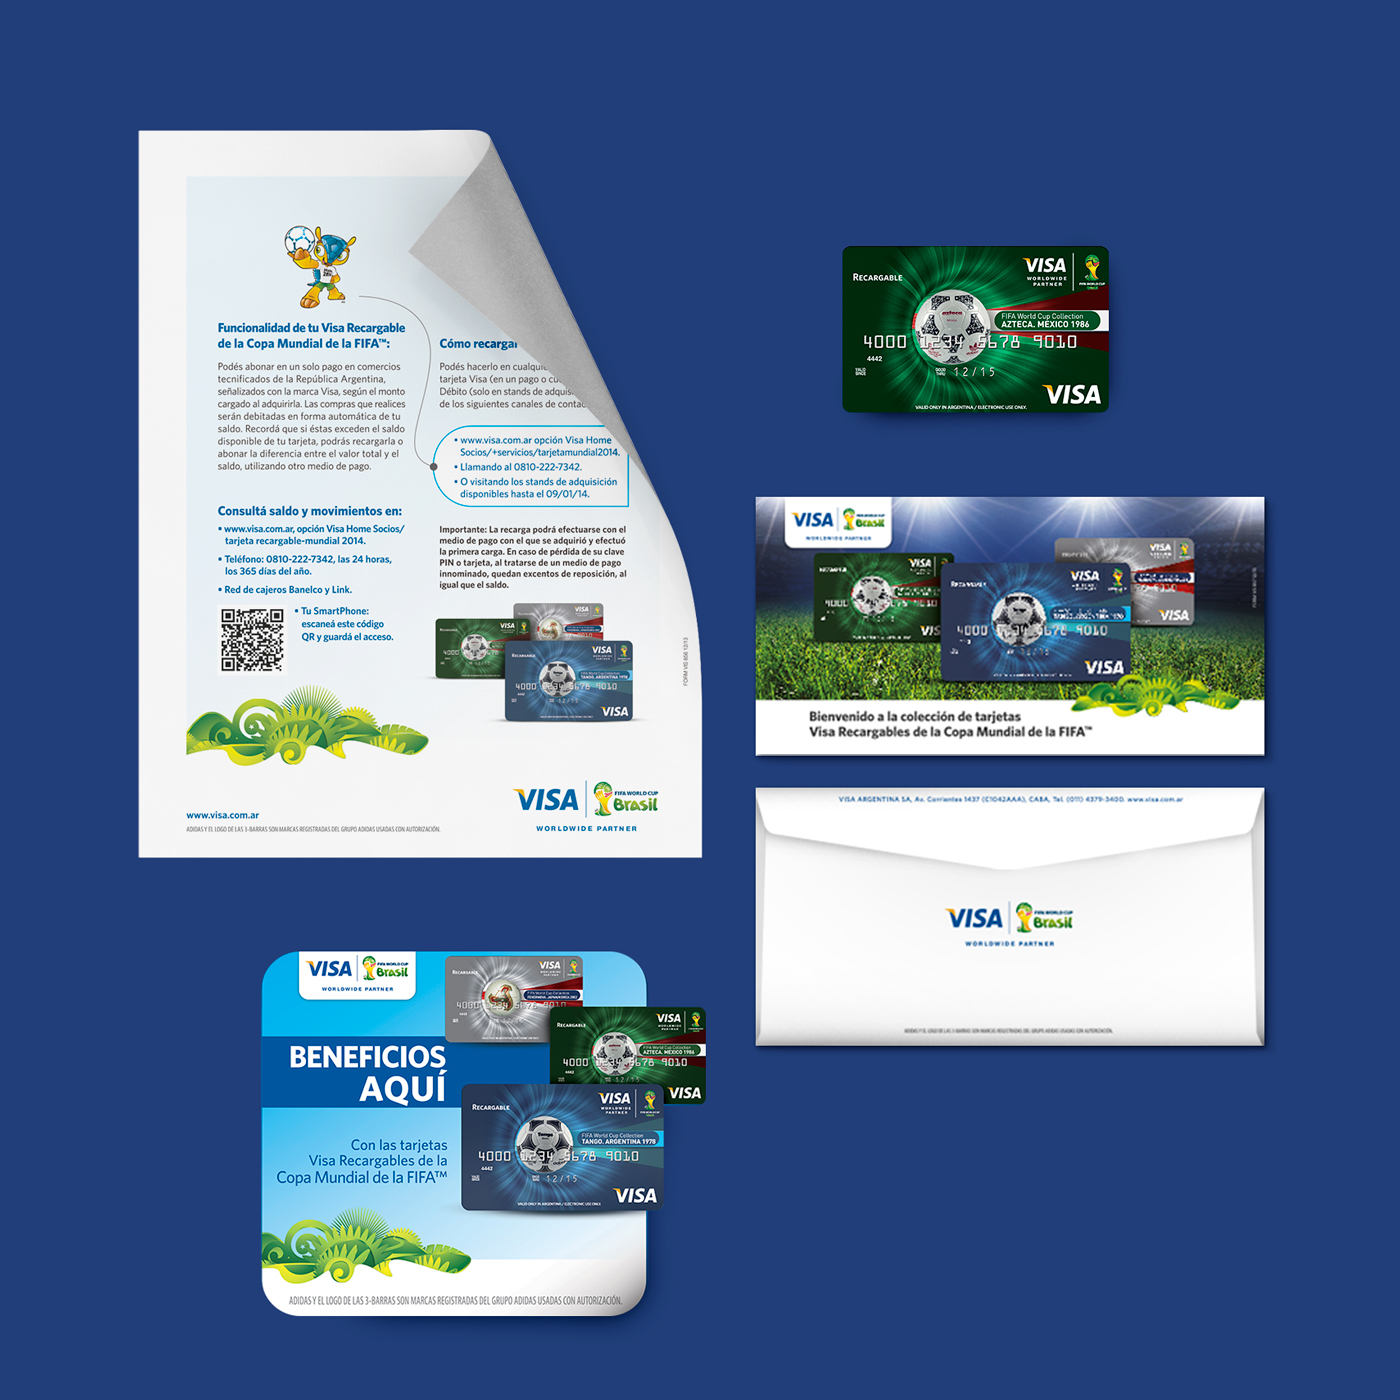 Visa mundial Brasil 2014 Tarjetas promo